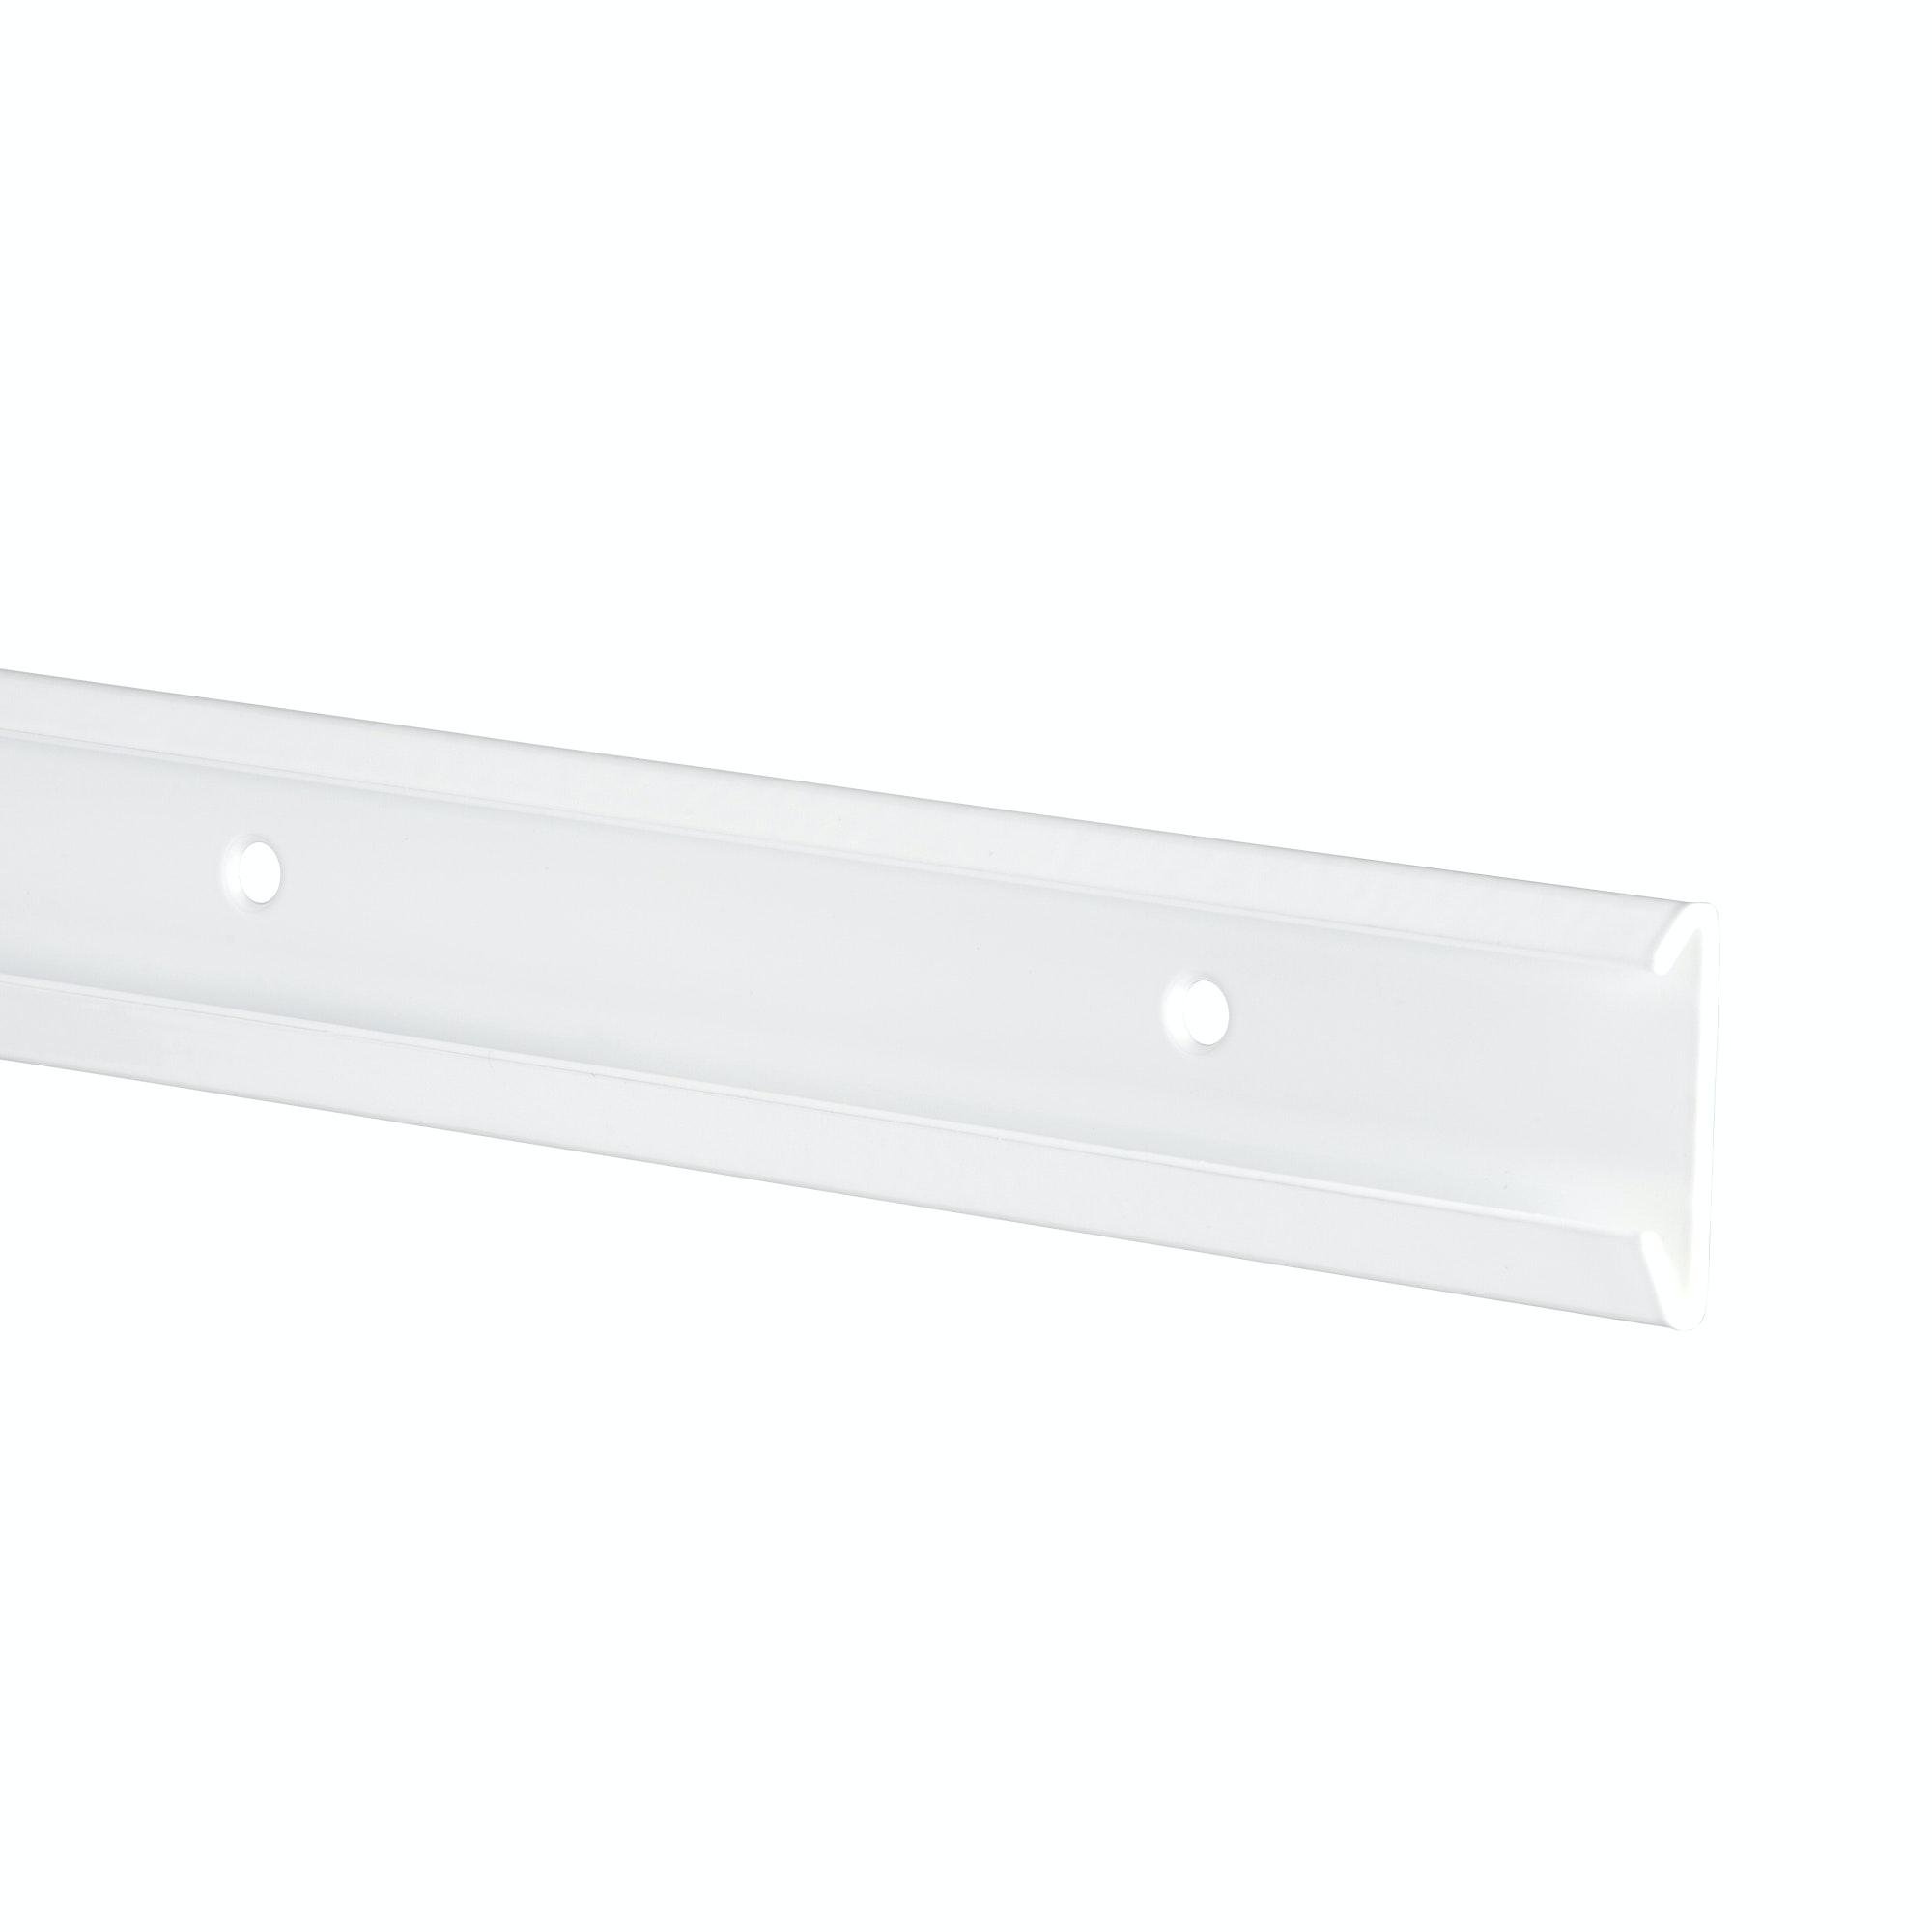 Bärlist Elfa Safety 1350mm vit